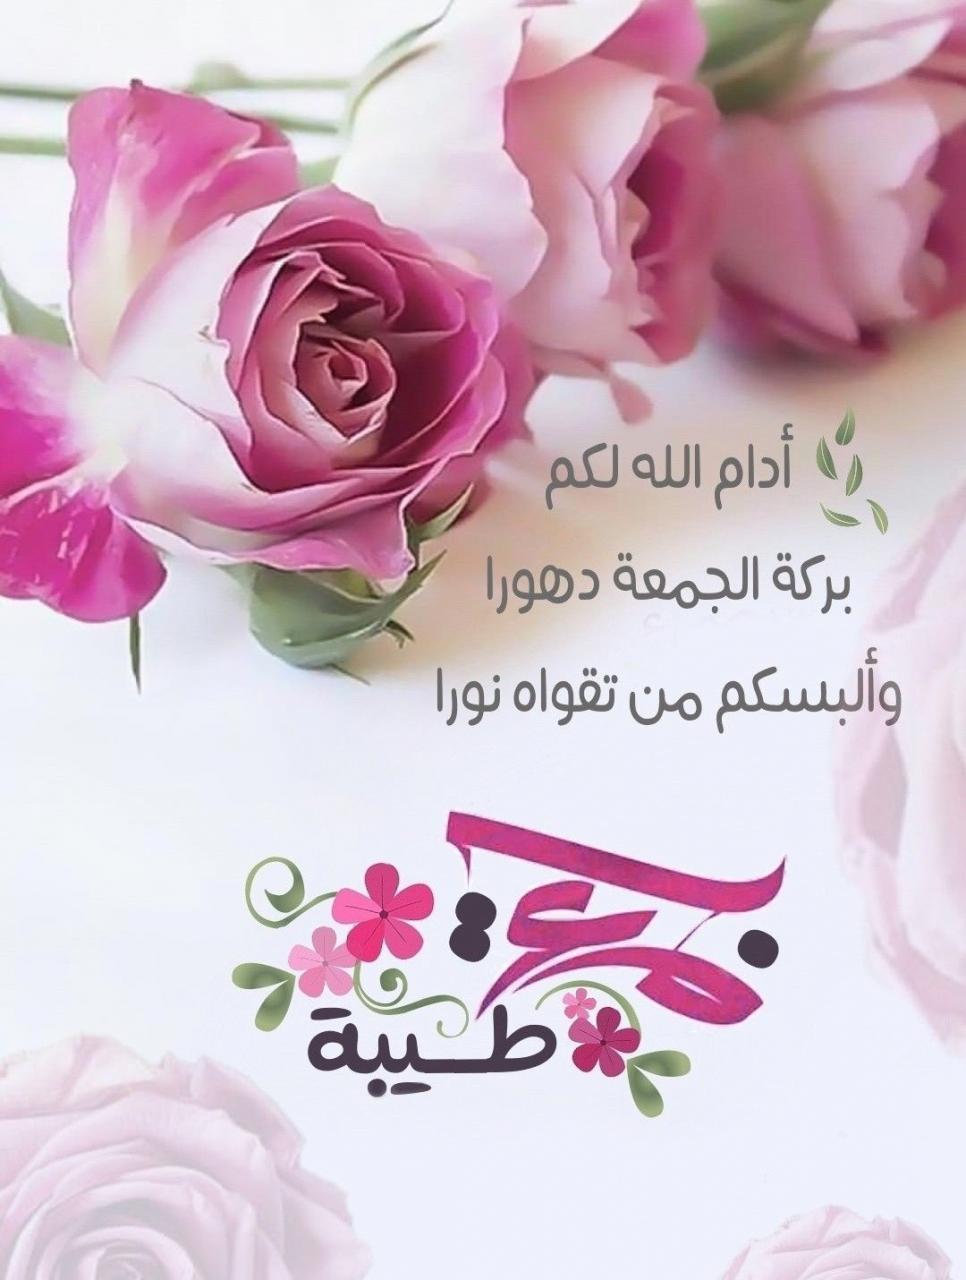 صورة دعاء جميل في يوم الجمعة , احلي الادعية اللي بنقولها يوم الجمعة